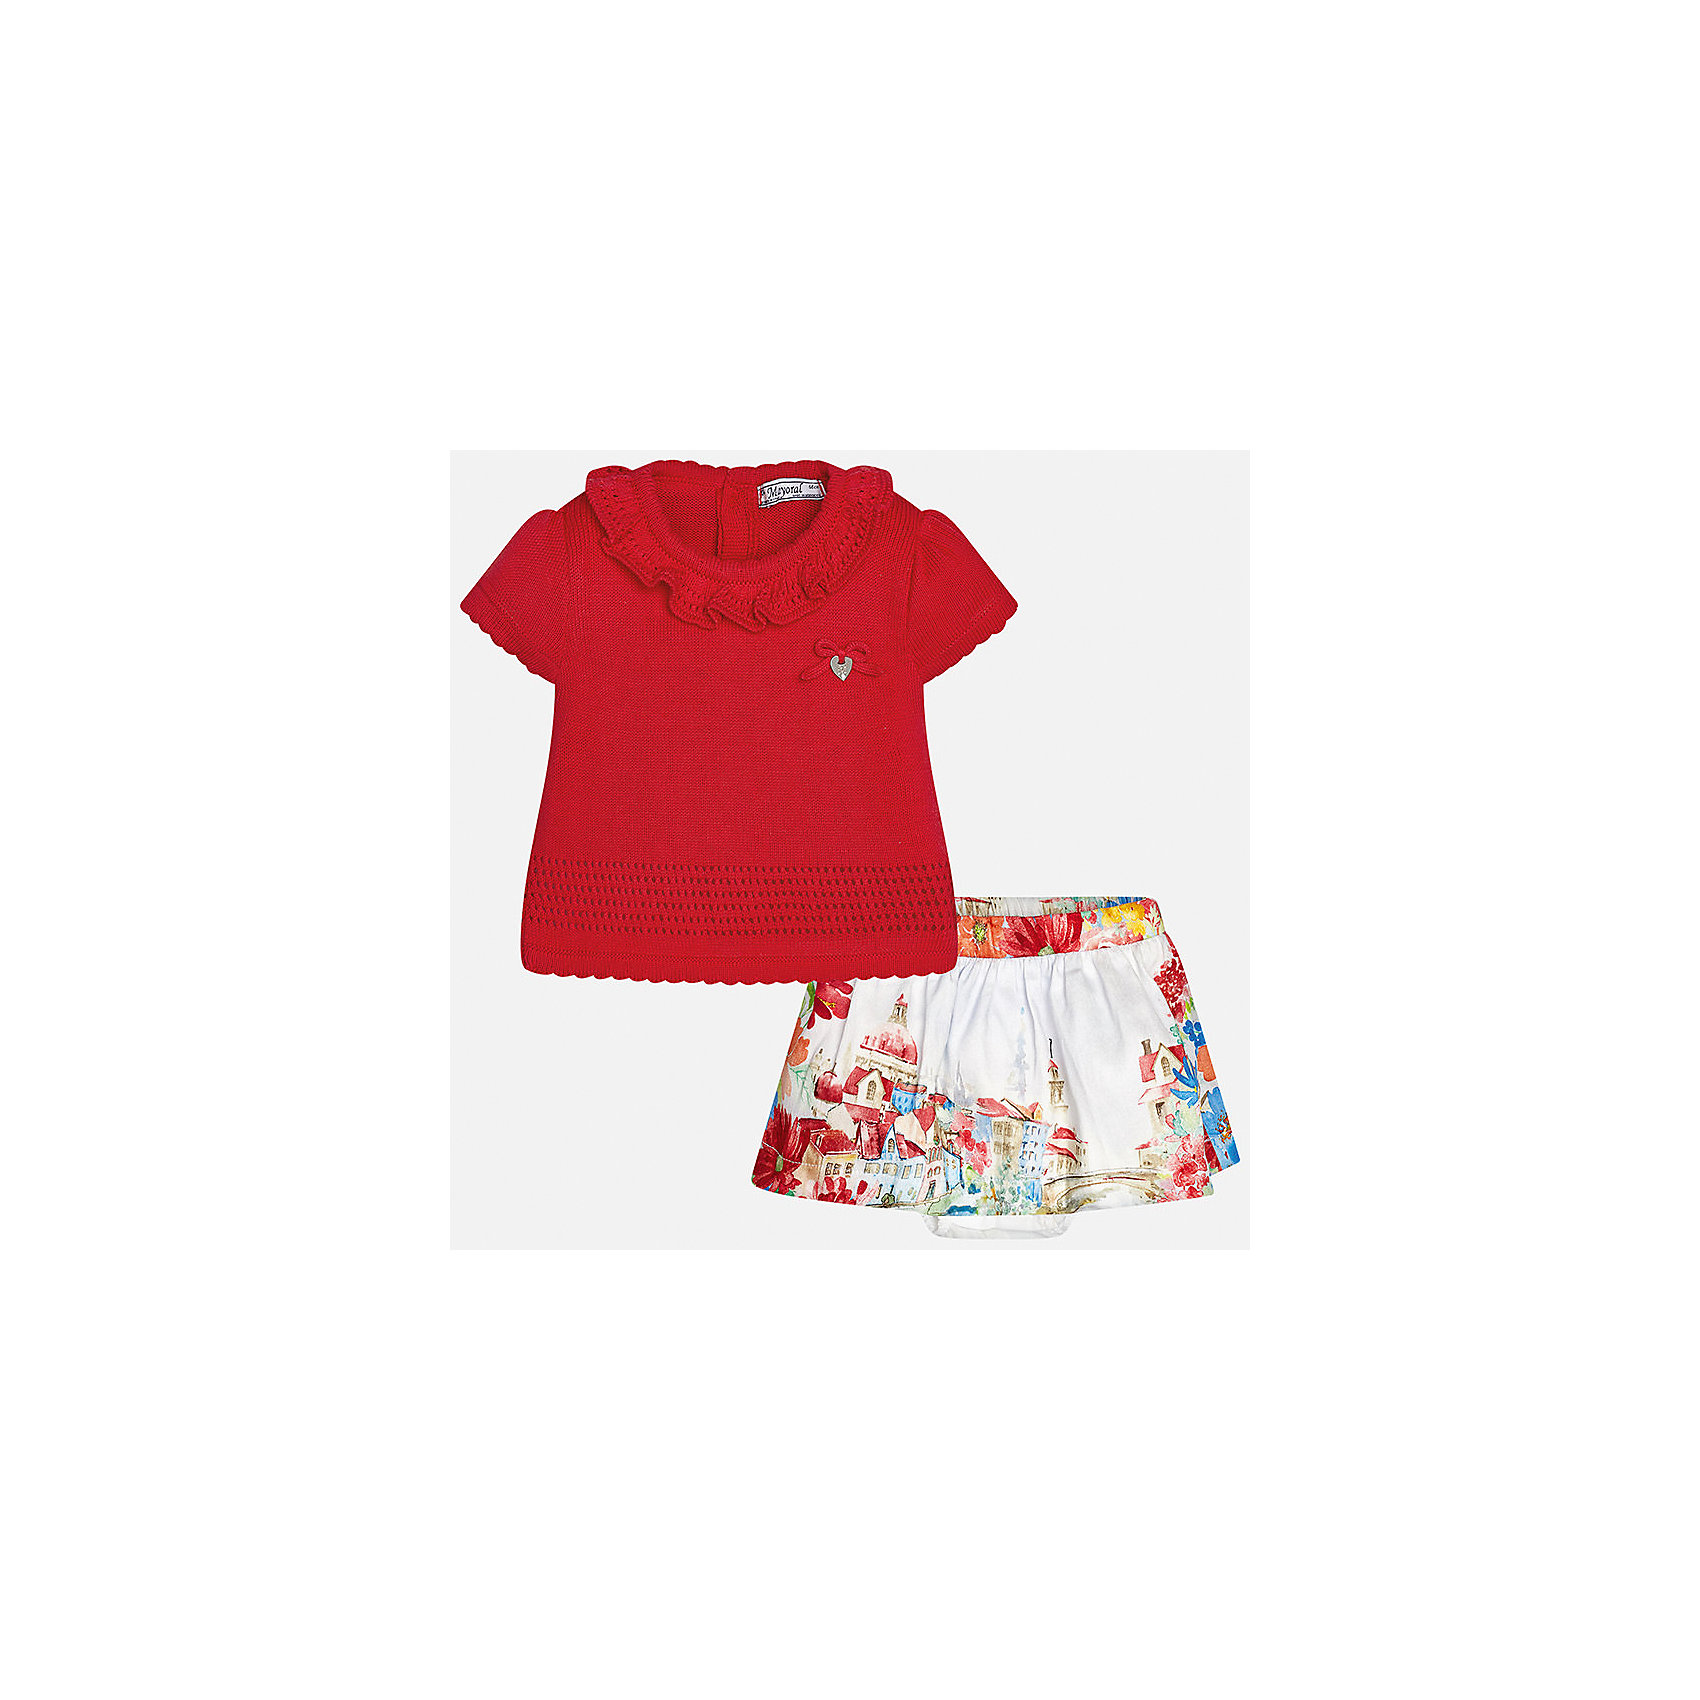 Комплект: топ и юбка для девочки MayoralКомплекты<br>Комплект: топ и юбка для девочки от известной испанской марки Mayoral.<br><br>Ширина мм: 207<br>Глубина мм: 10<br>Высота мм: 189<br>Вес г: 183<br>Цвет: красный<br>Возраст от месяцев: 18<br>Возраст до месяцев: 24<br>Пол: Женский<br>Возраст: Детский<br>Размер: 92,74,80,86<br>SKU: 5289248